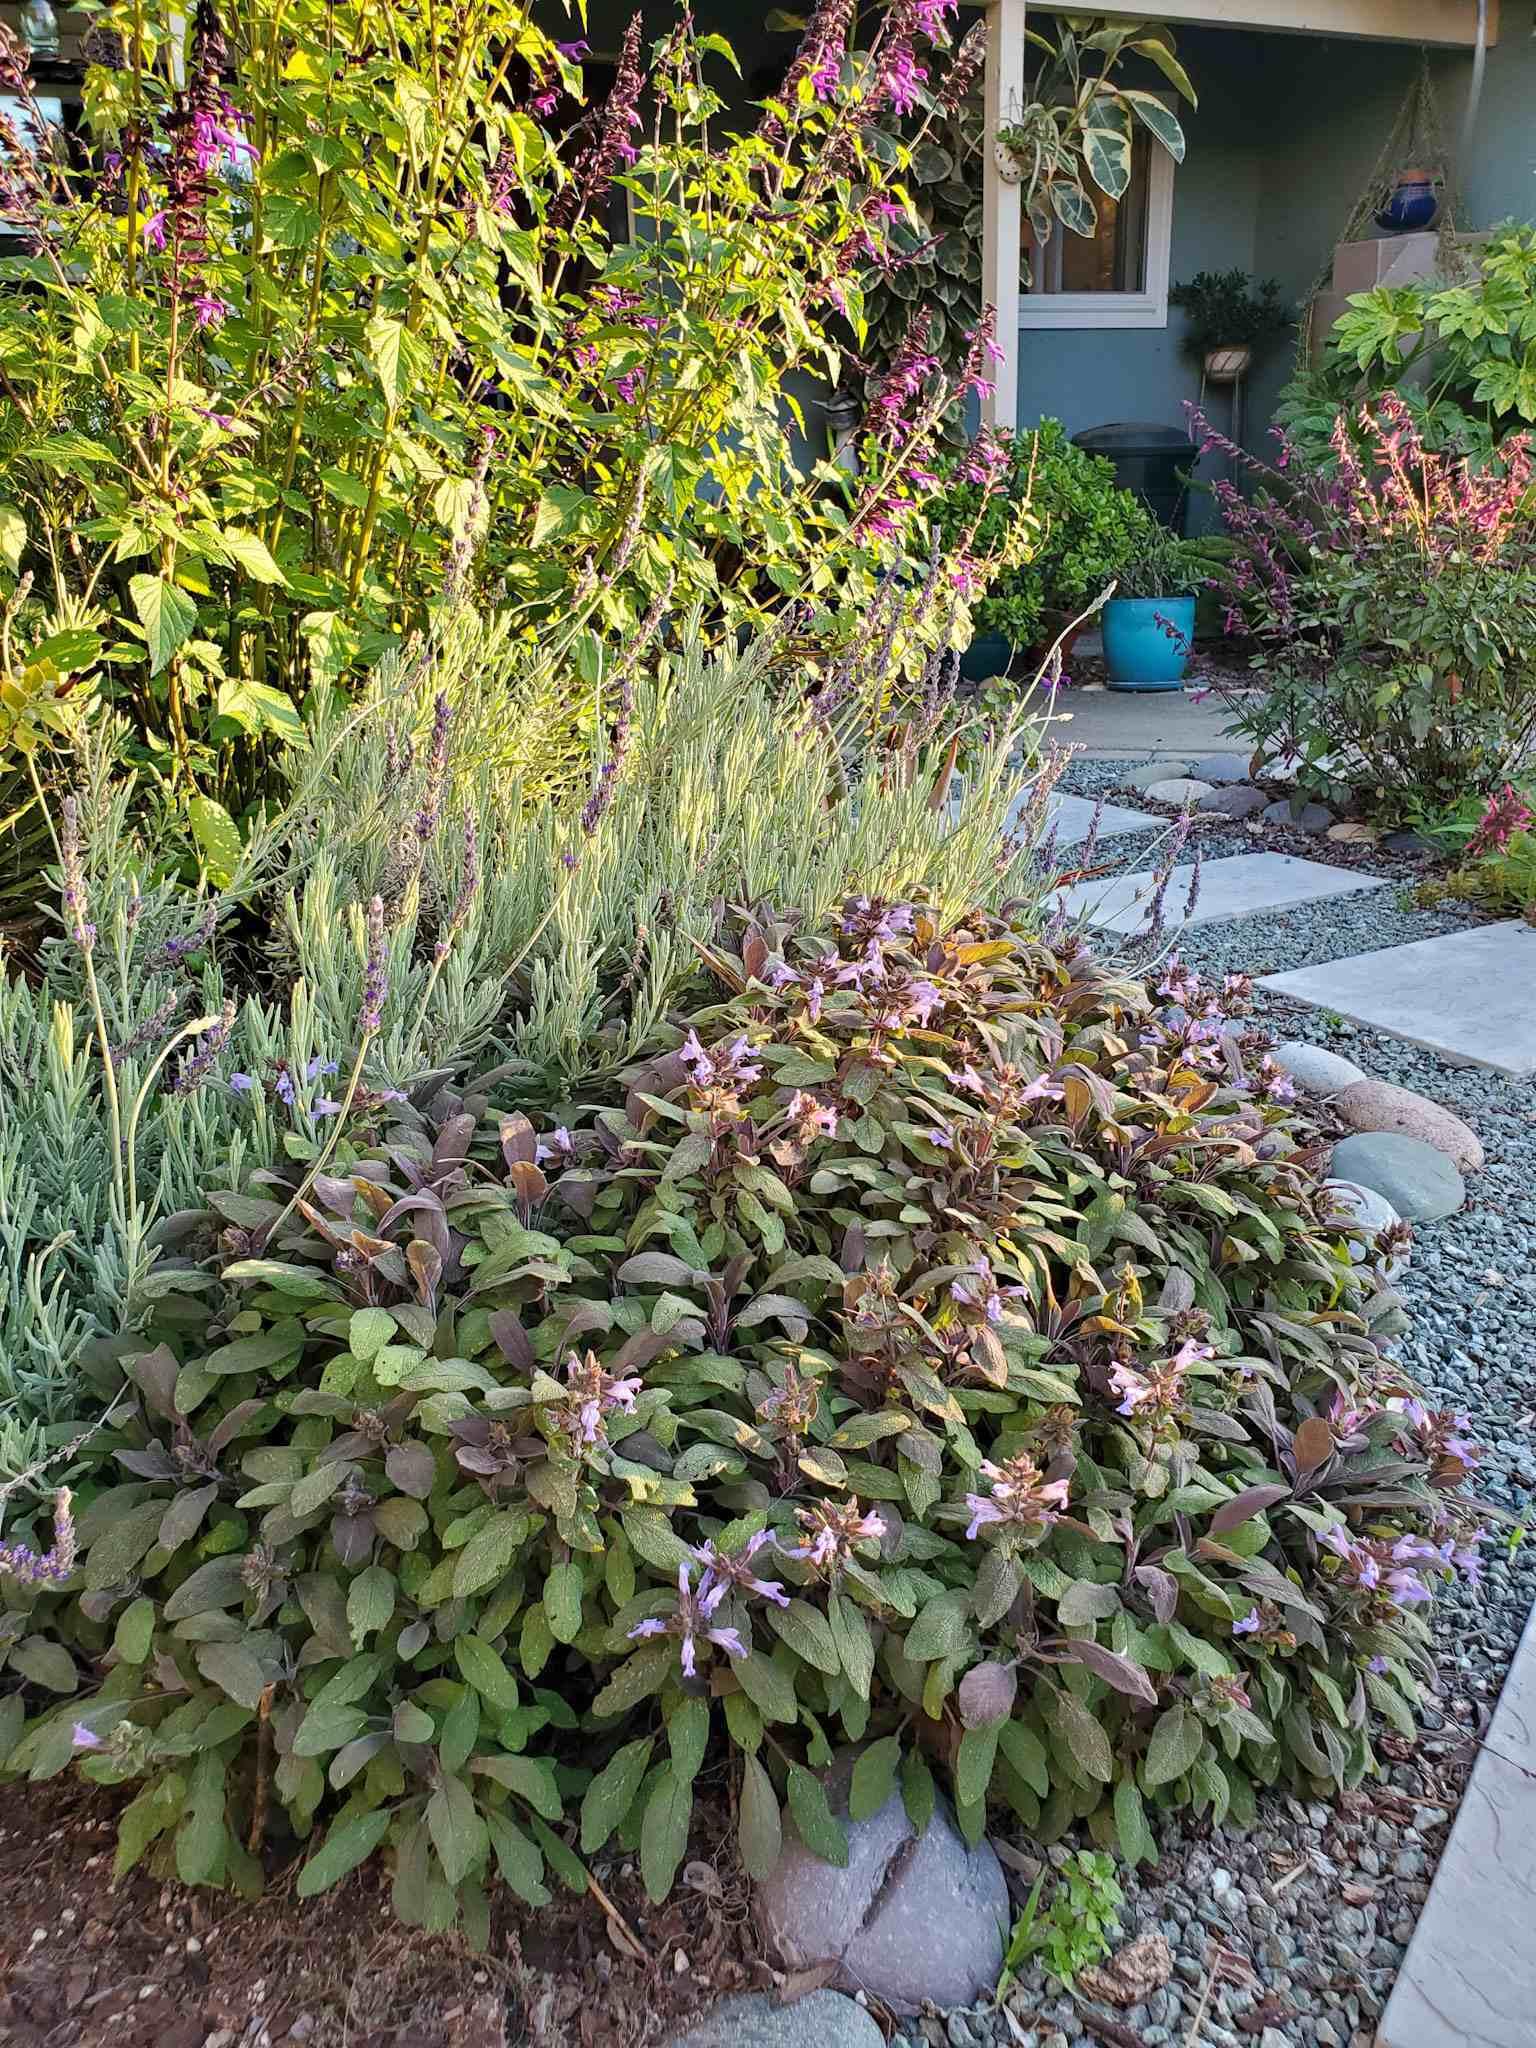 Une section d'une île de pollinisateur de cour avant est illustrée. Une grande plante de sauge pourpre touffue est l'objectif principal. Il s'est propagé dans un buisson de deux pieds par deux pieds et contient des feuilles qui varient du vert foncé au violet et des couleurs entre les deux. L'herbe est à fleur de fleurs violettes car elle fleurit dans certaines sections. Derrière la plante de sauge se trouve une variété de salvia, lavande, sauge et jade.